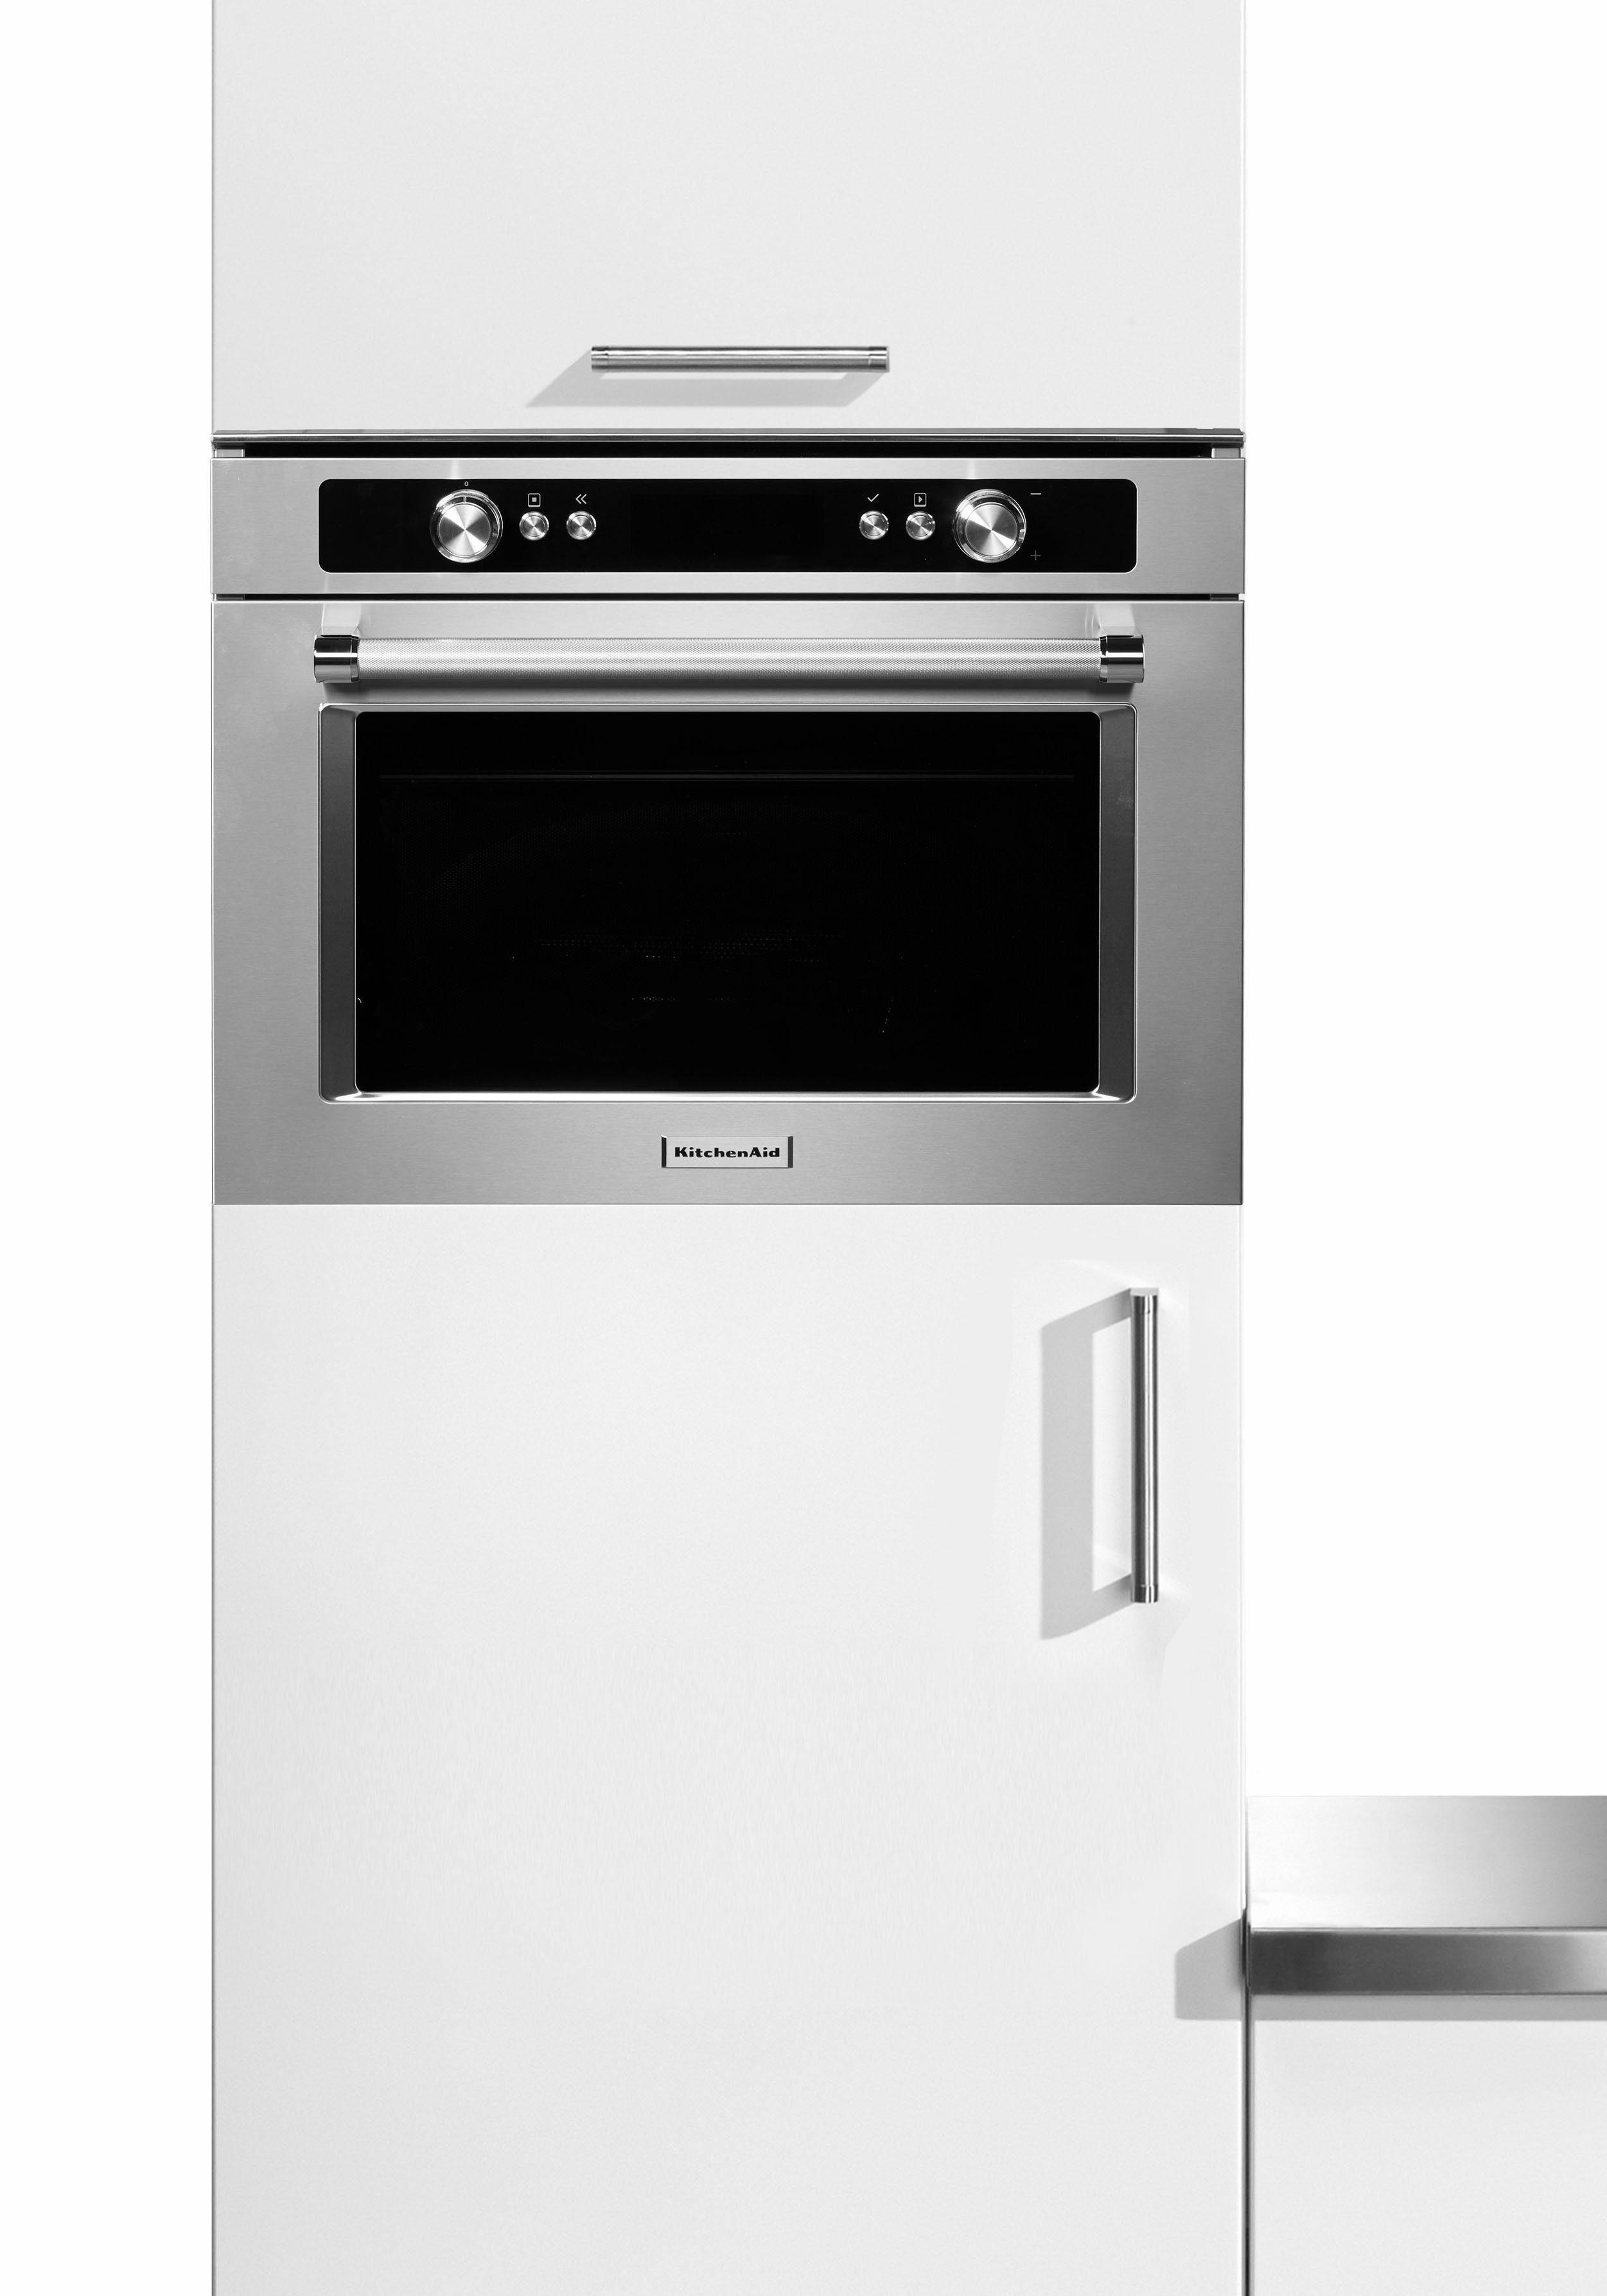 KitchenAid Einbaumikrowelle KMQCX 45600, mit Backofenfunktion, 40 Liter, 900 Watt